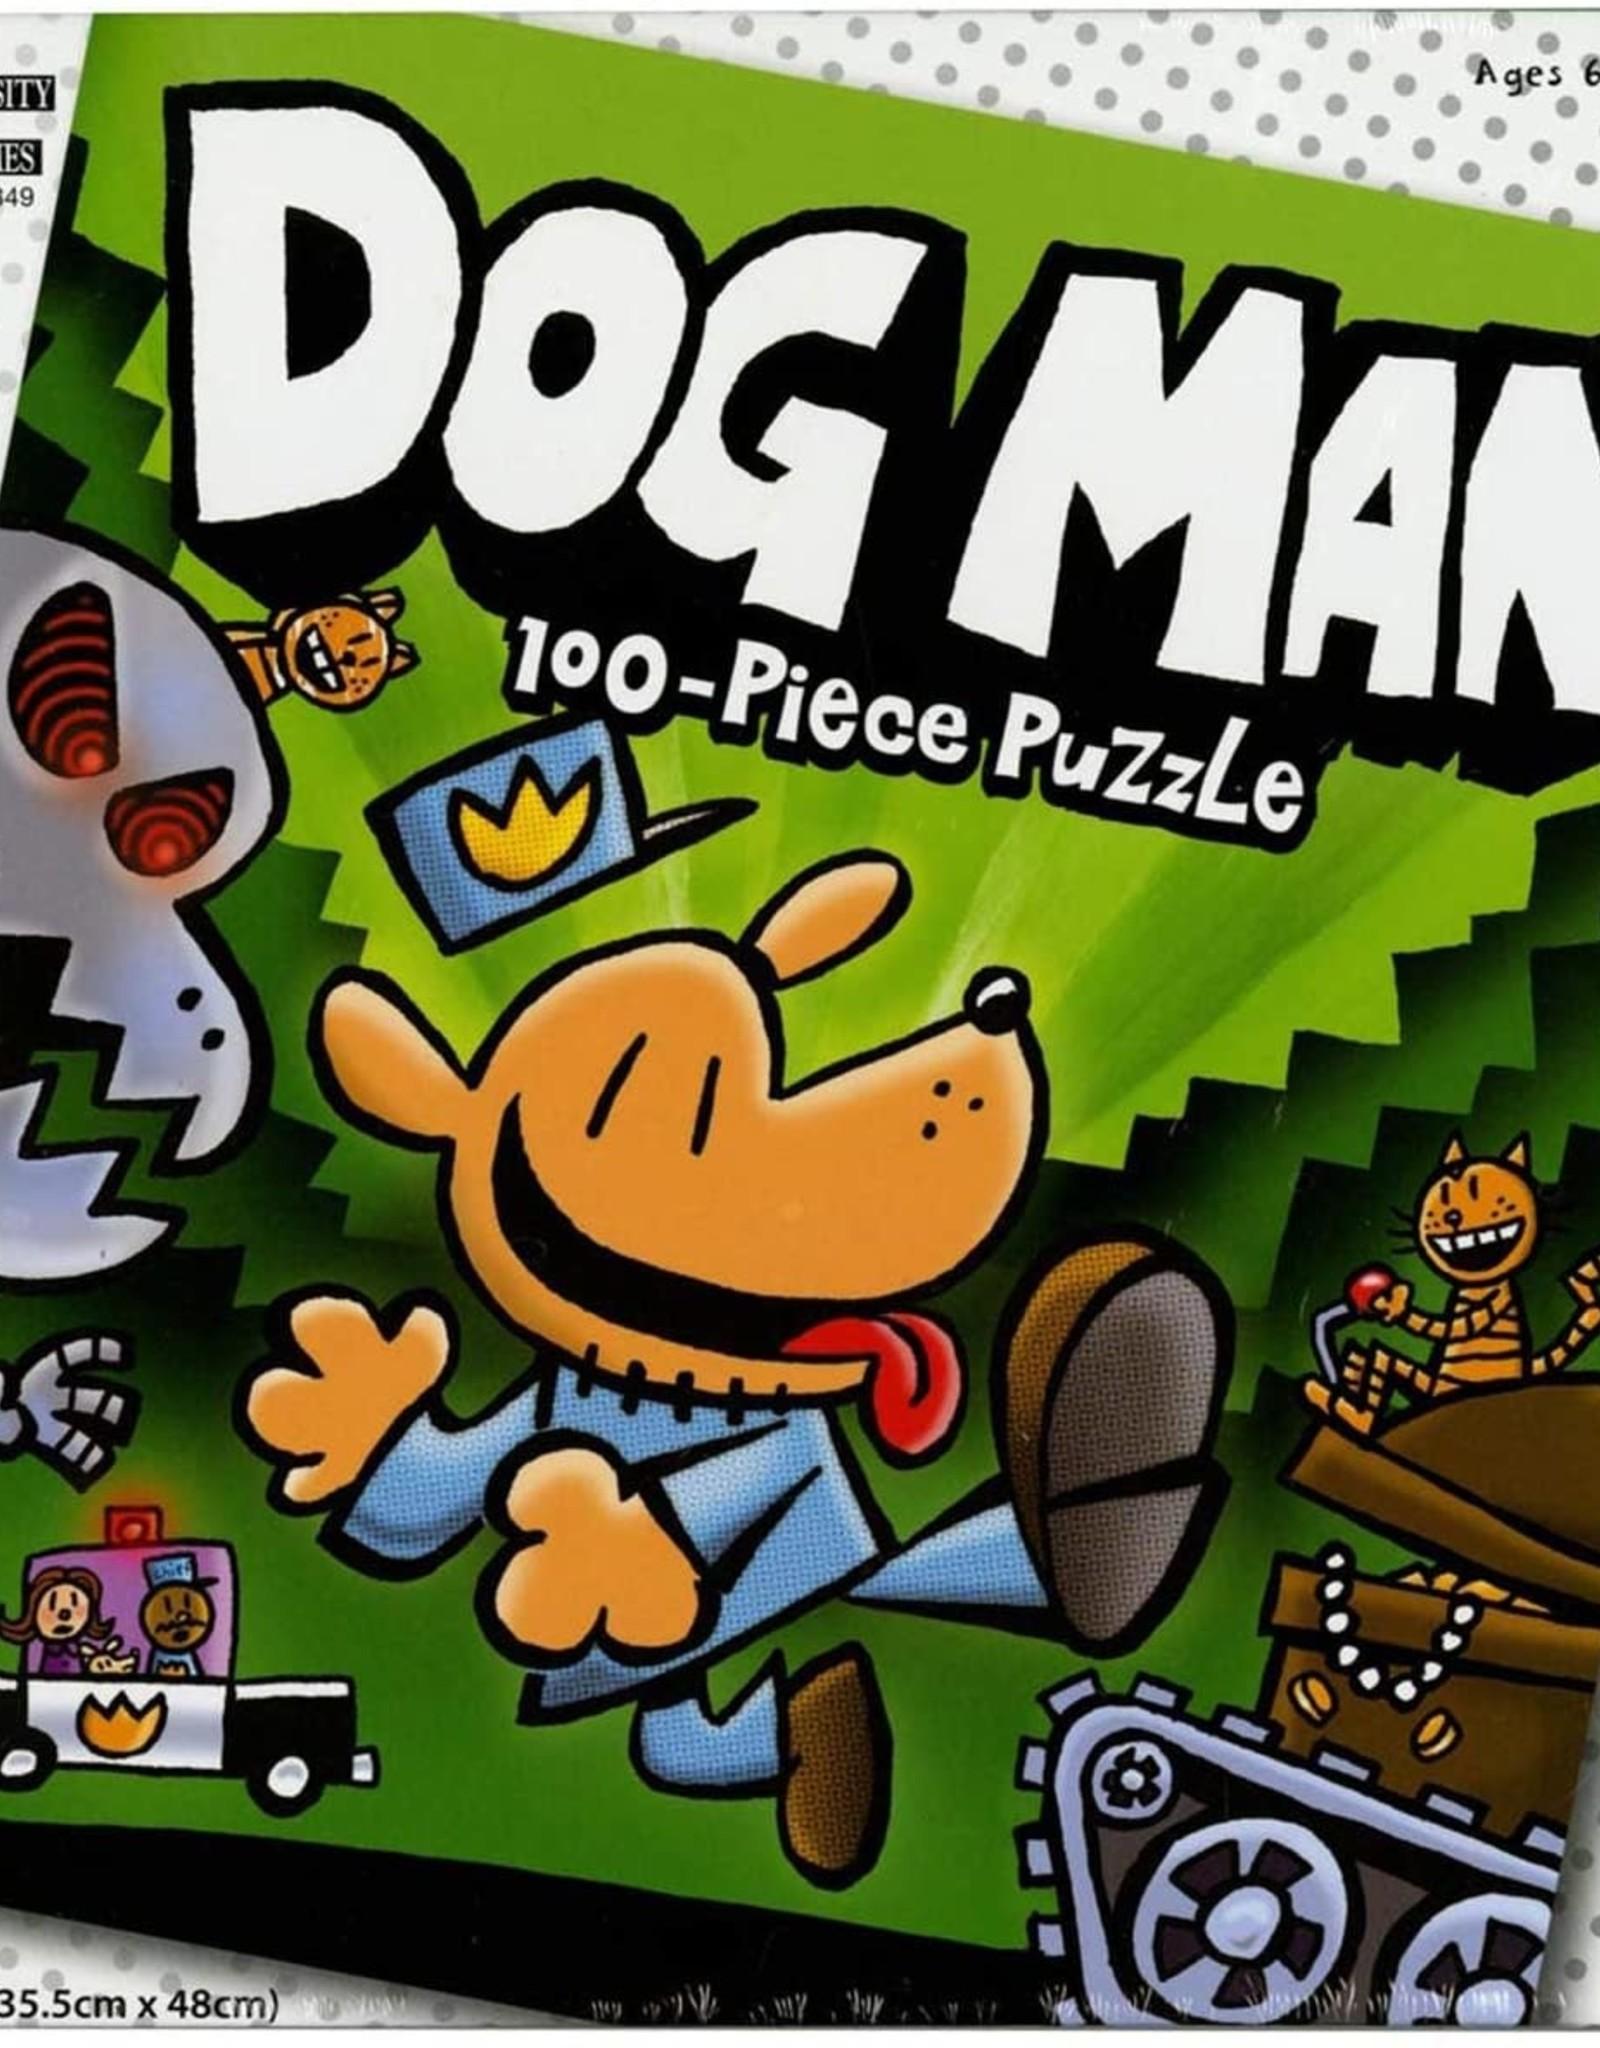 University Games Dog Man Unleashed 100 pc Puzzle